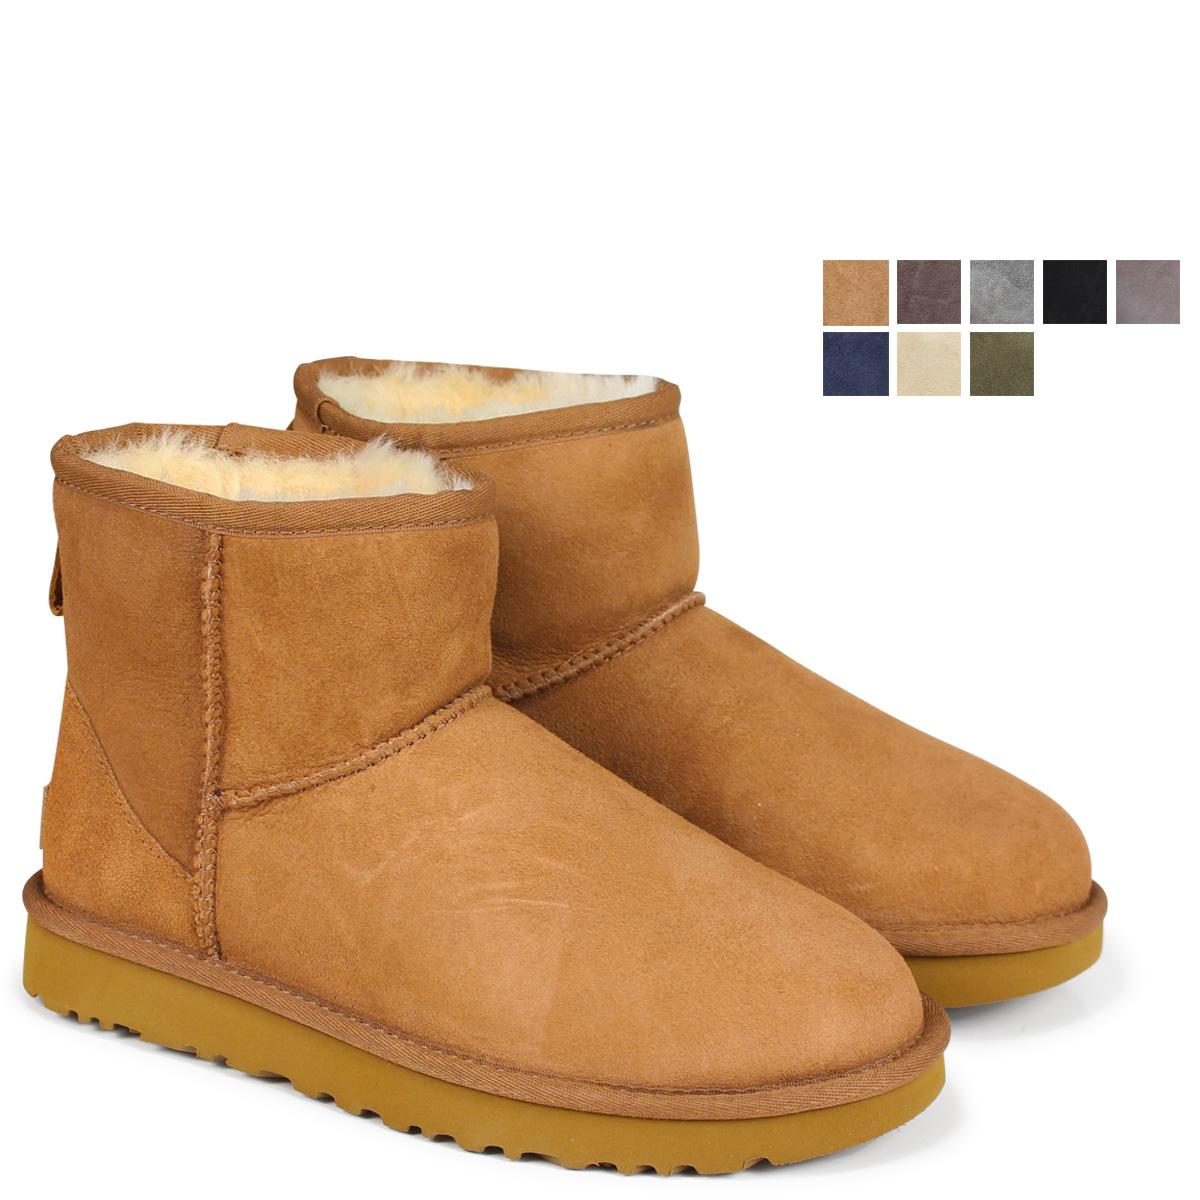 【最大2000円OFFクーポン】 UGG WOMENS CLASSIC MINI II アグ ムートン ブーツ クラシック ミニ 2 5854 1016222 レディース